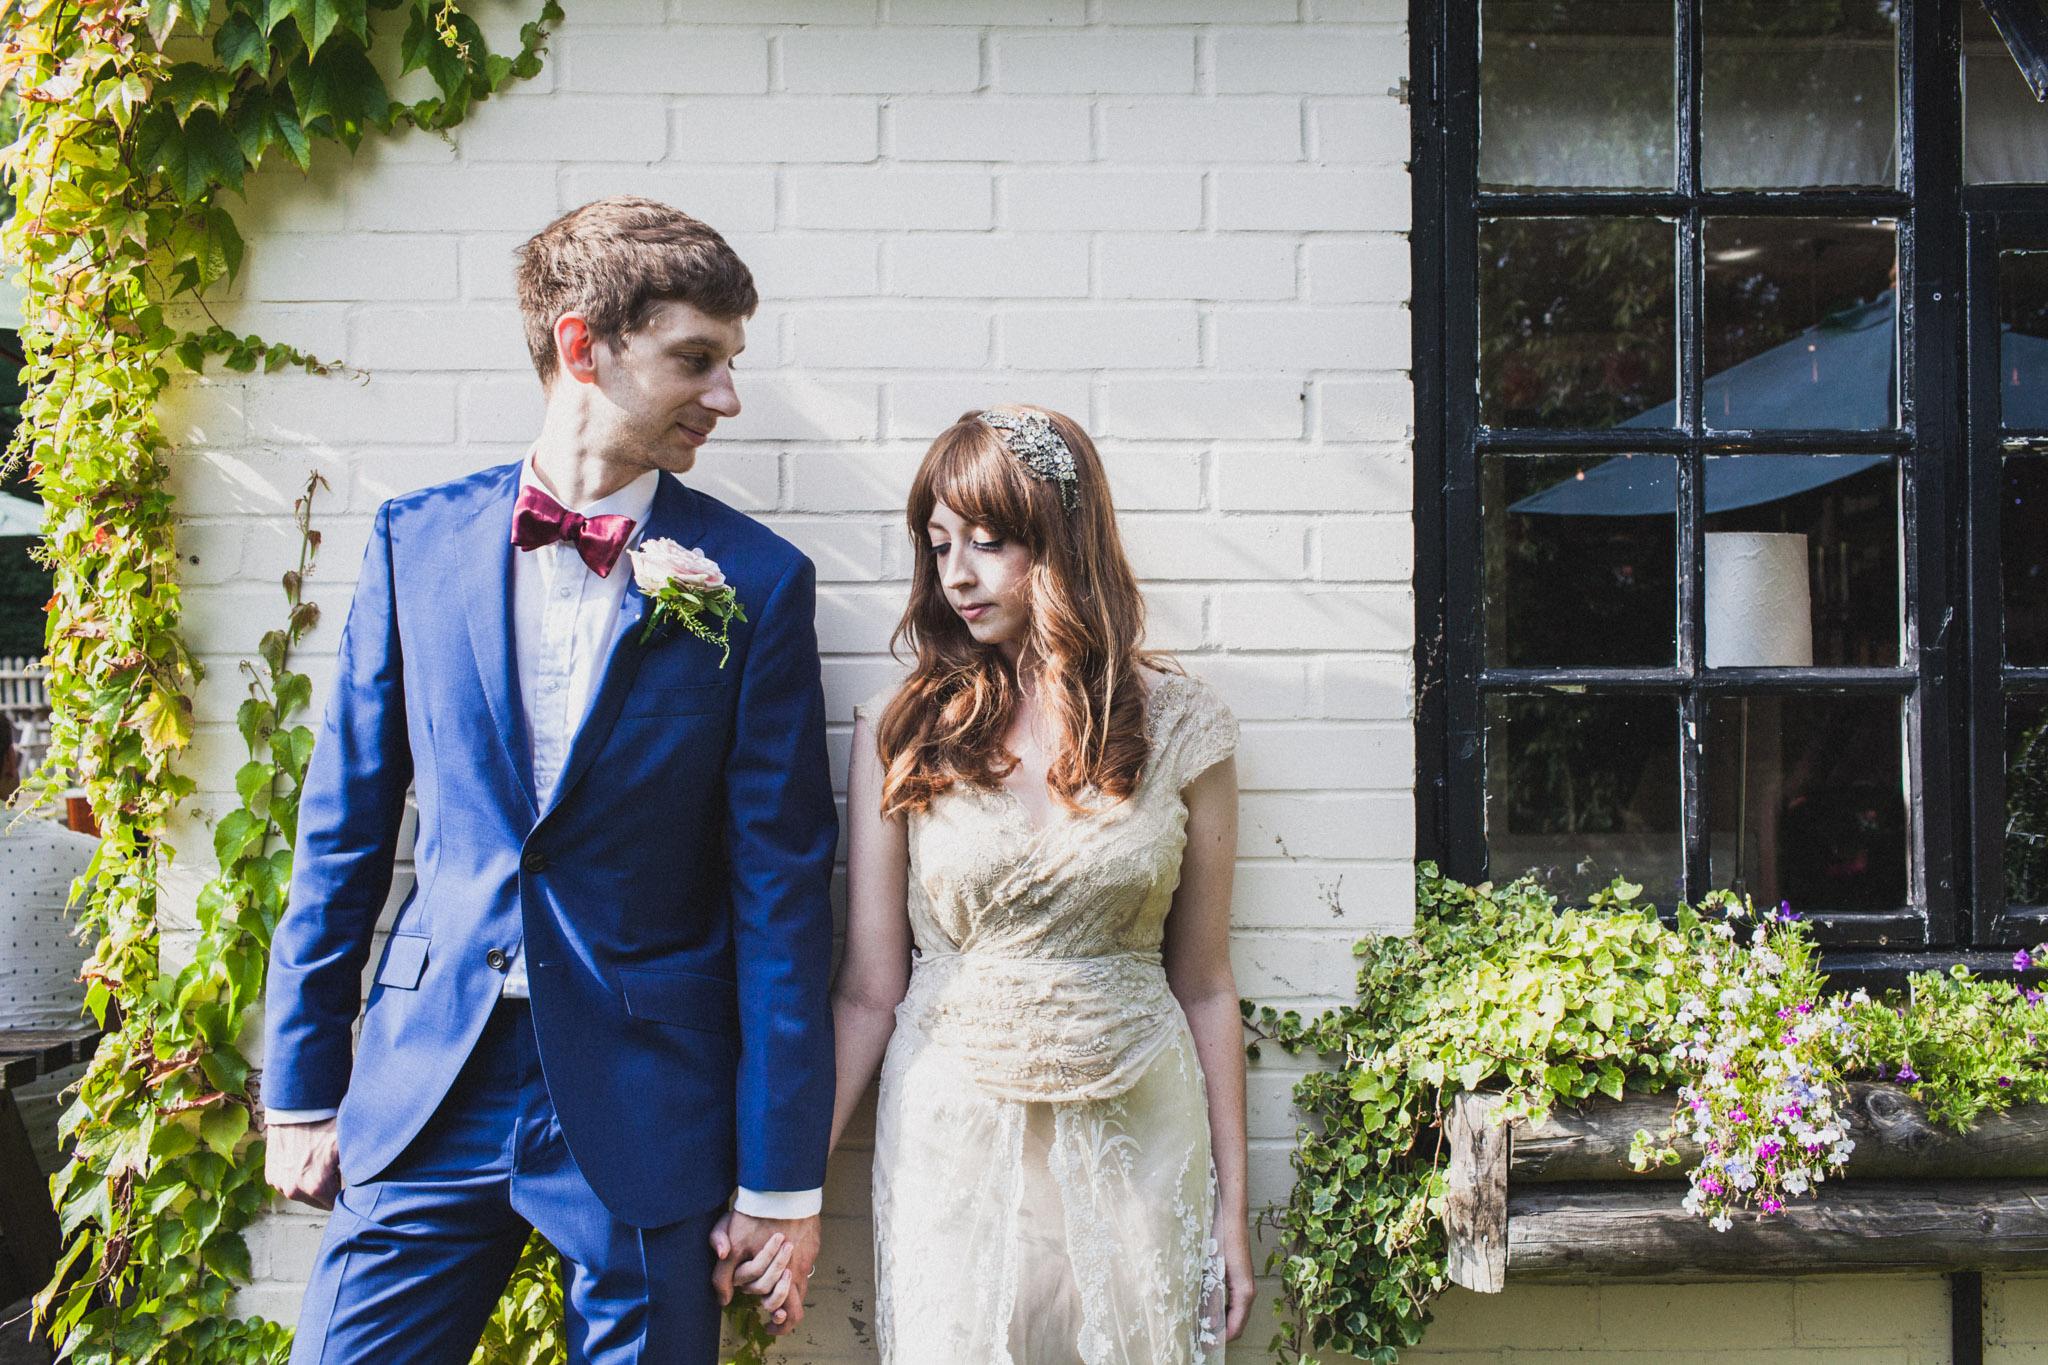 lewes_wedding_photographer_0065.jpg